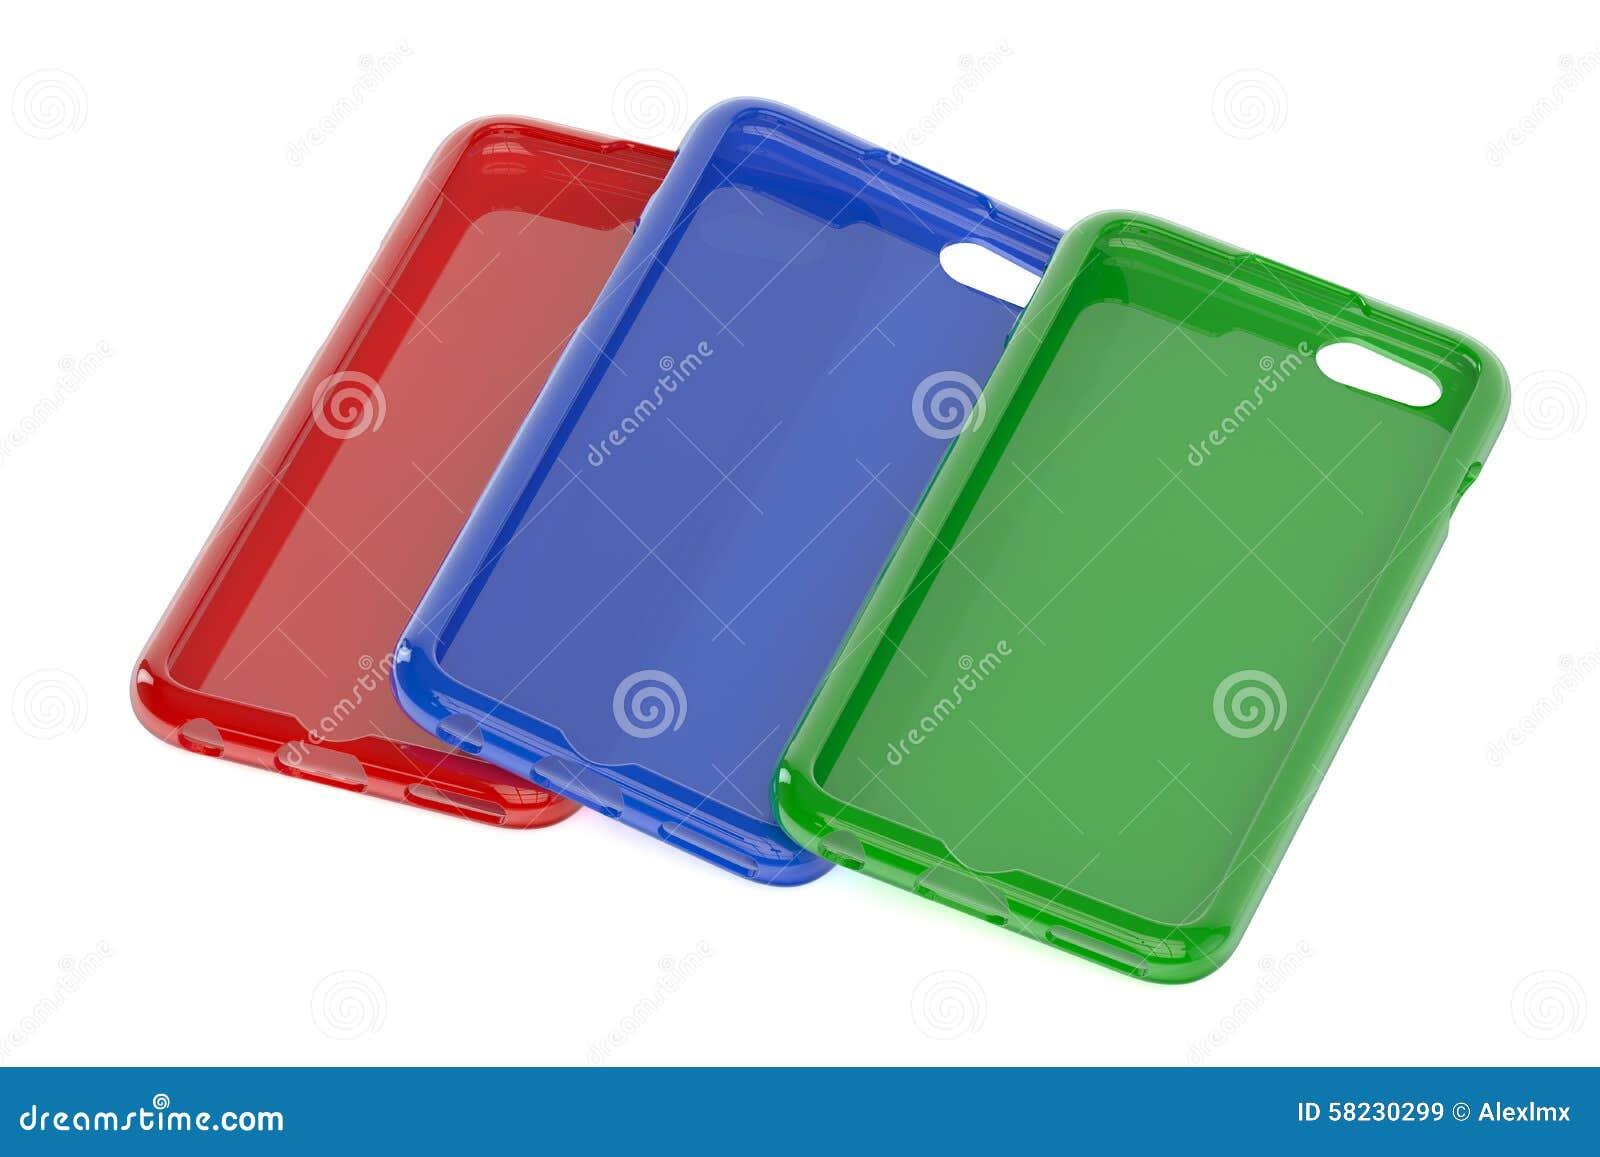 Πολύχρωμες κινητές τηλεφωνικές πλαστικές περιπτώσεις